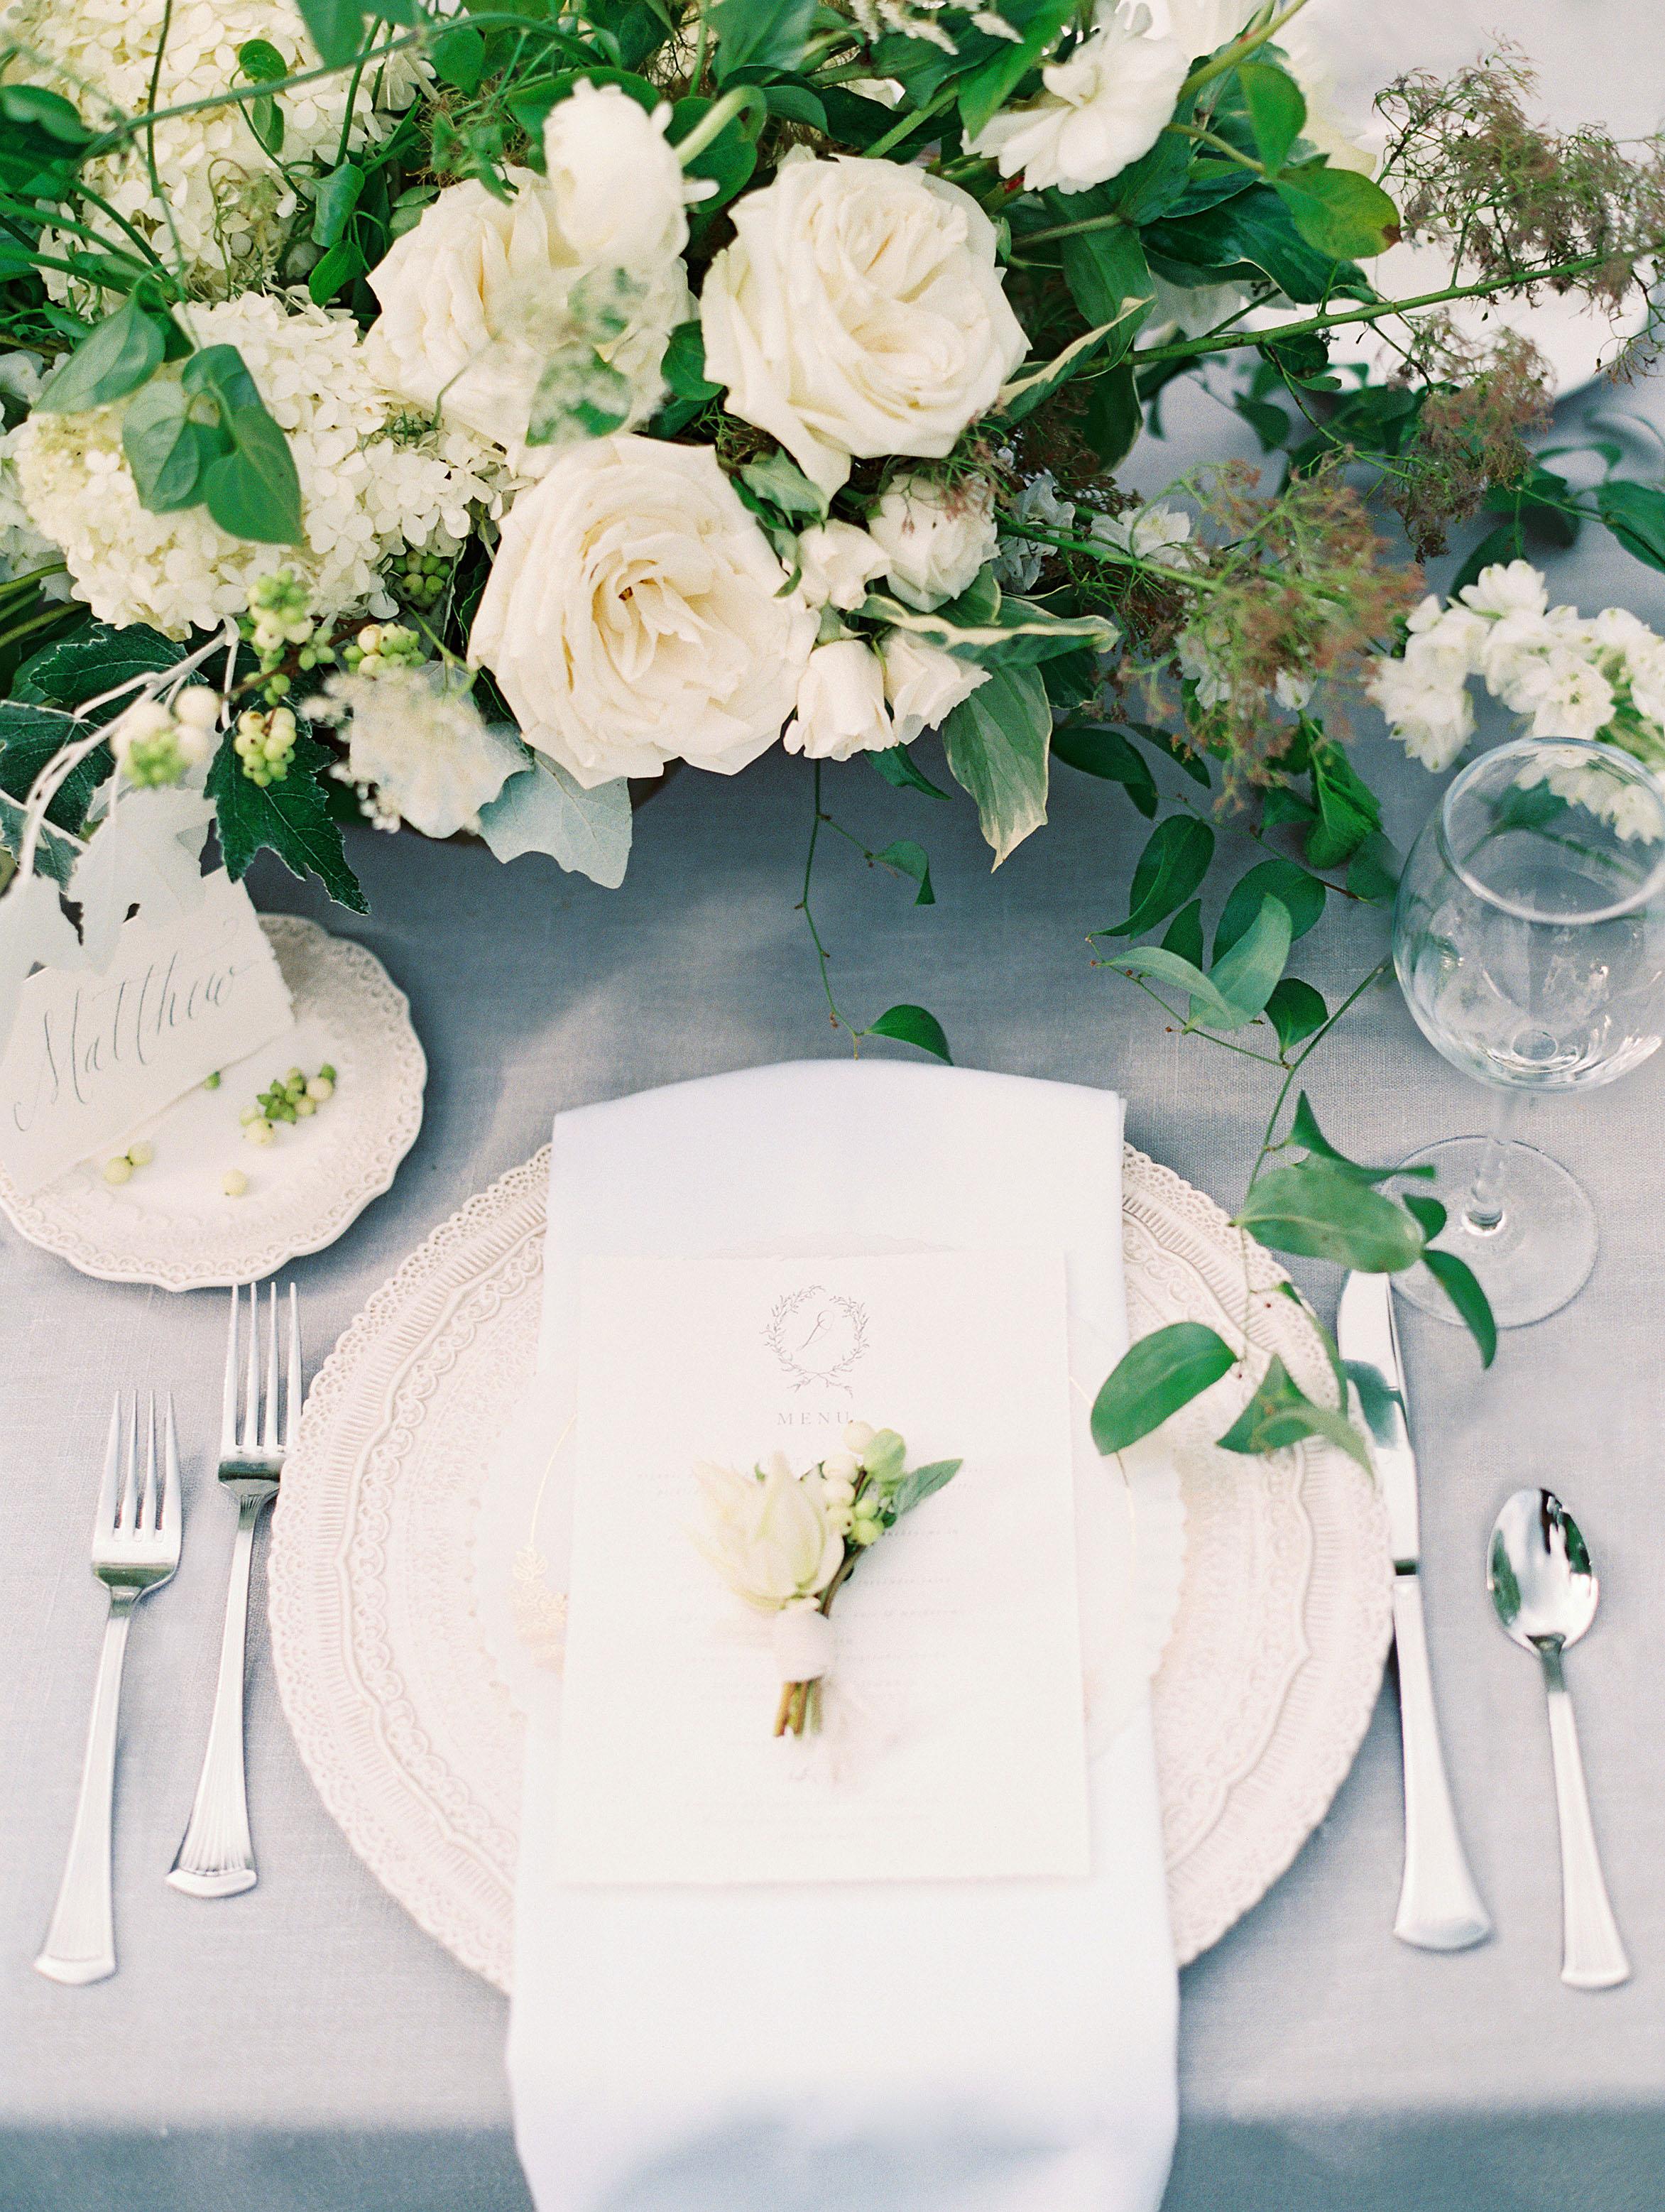 miya matthew wedding place setting